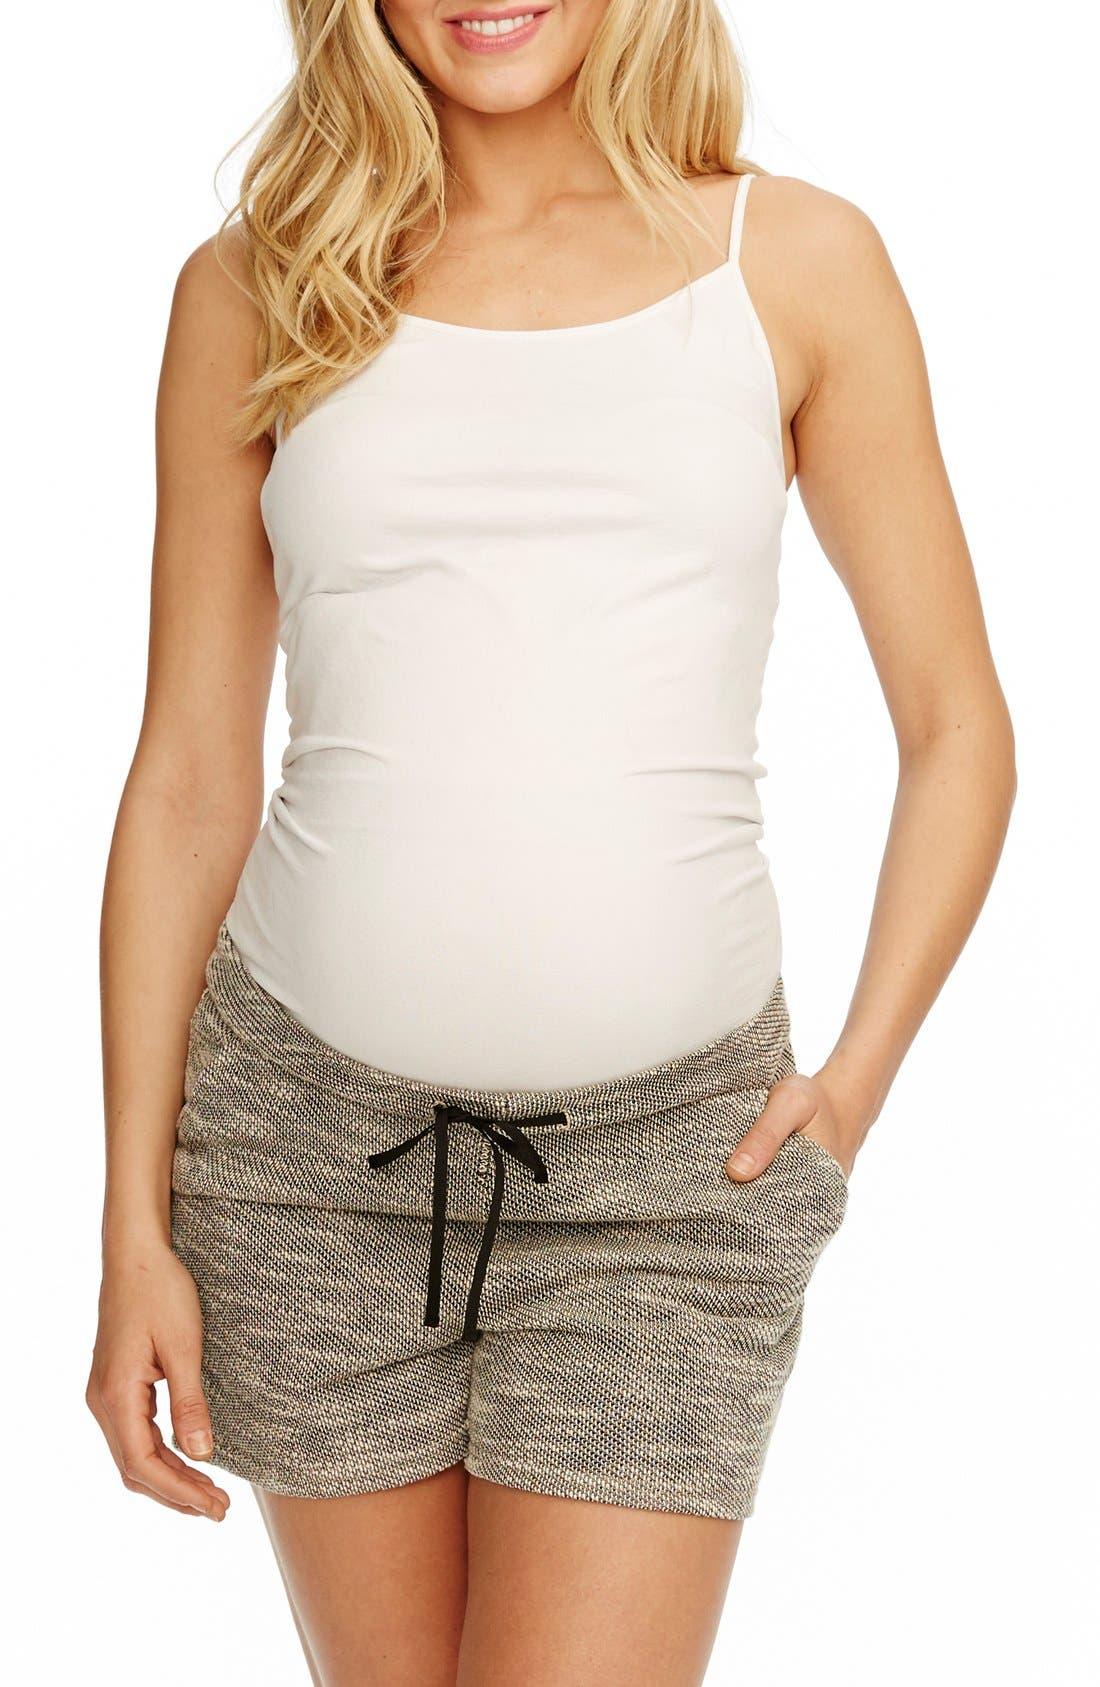 ROSIE POPE Boardwalk Woven Maternity Shorts